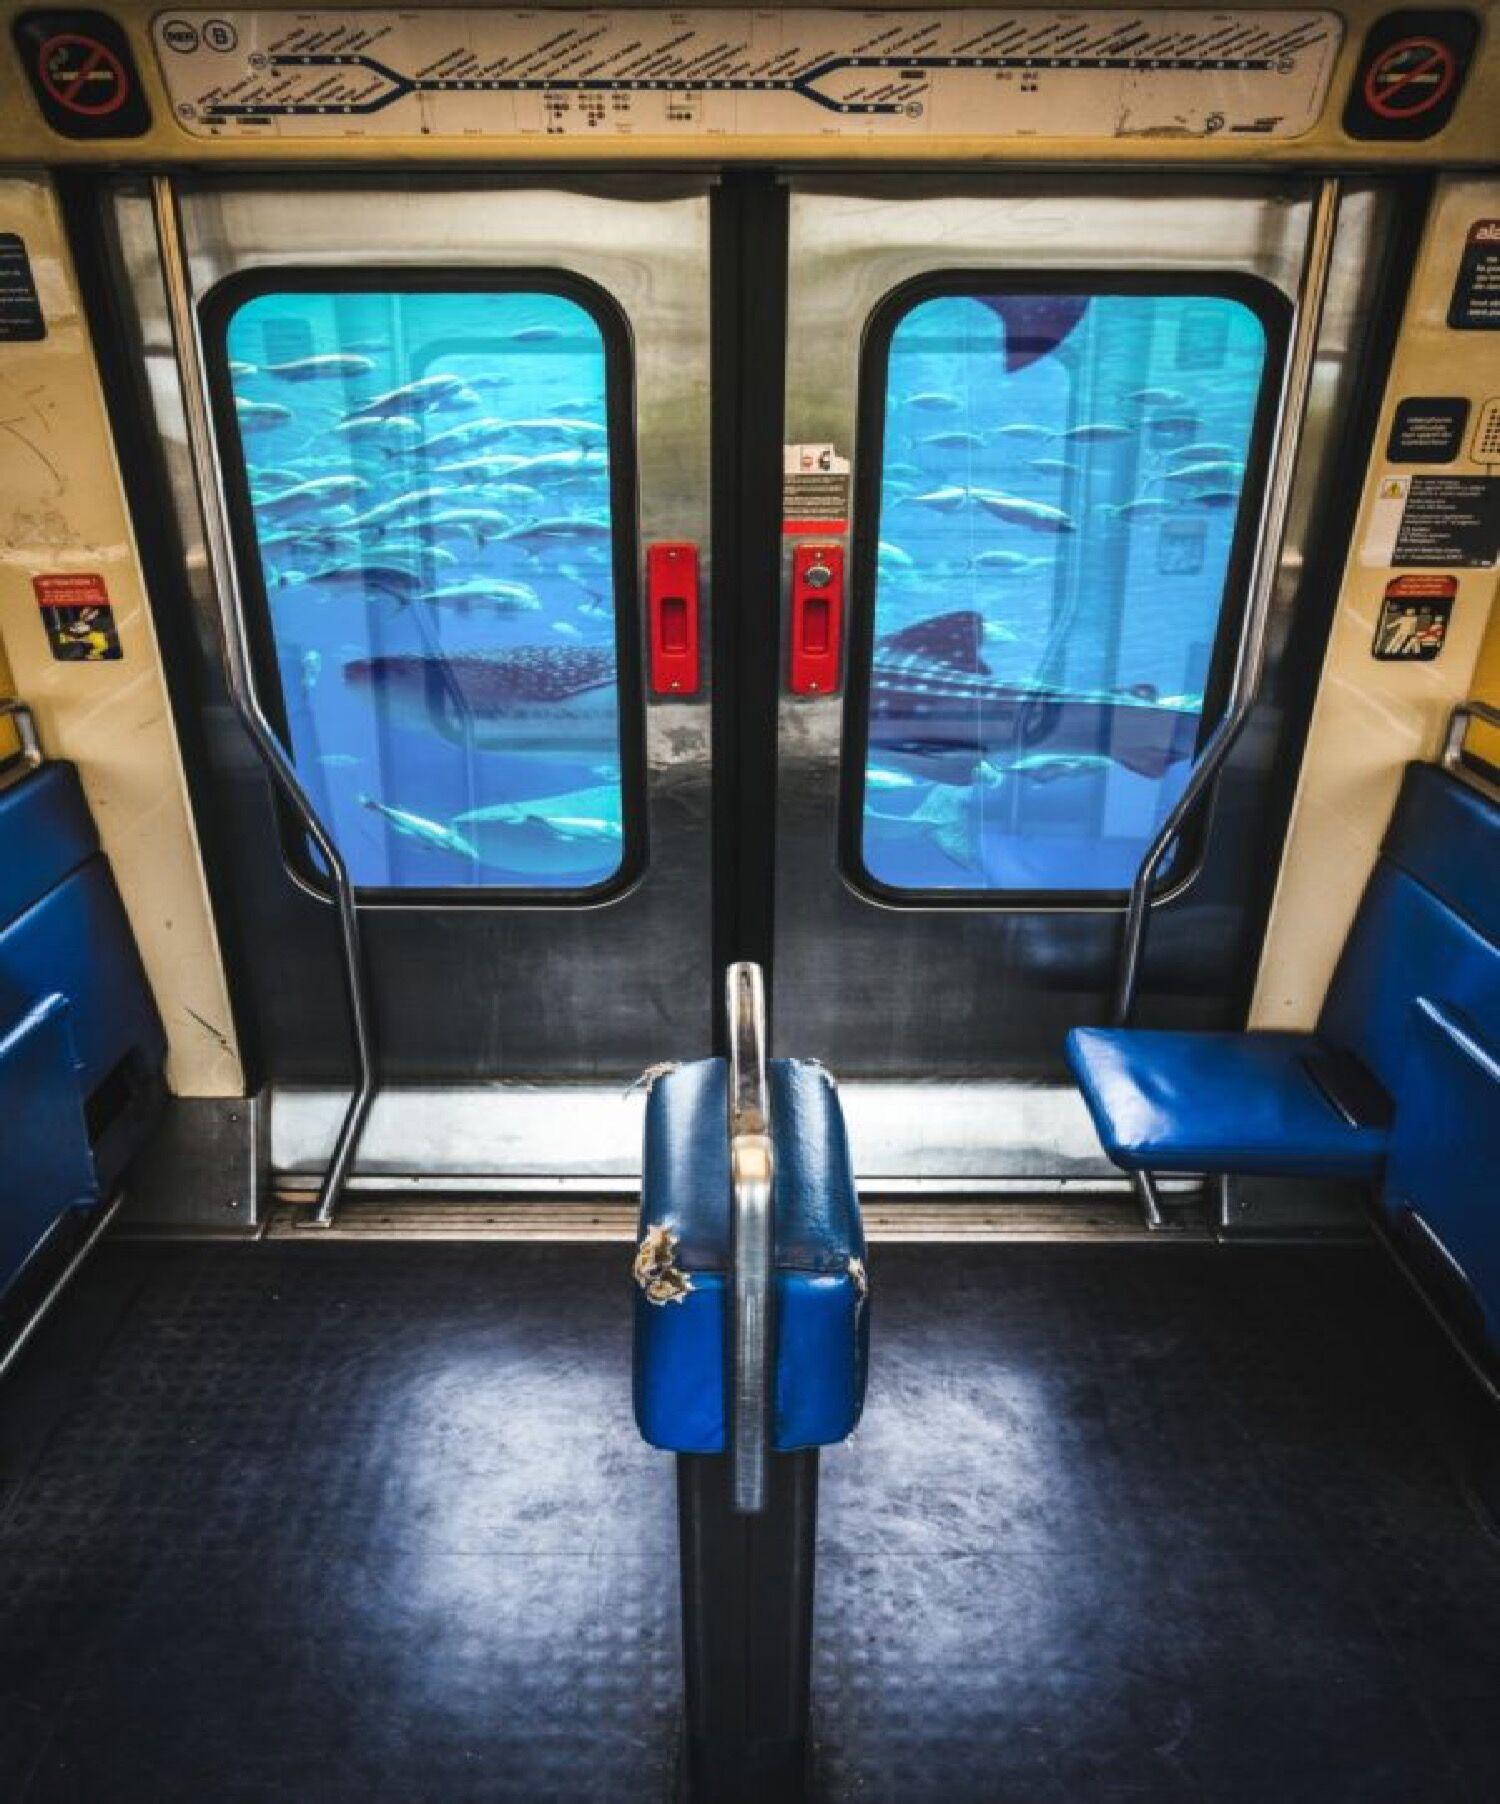 Pixopolitan RER BOCAL - Photo de Mathieu Alemany 60x90 cm